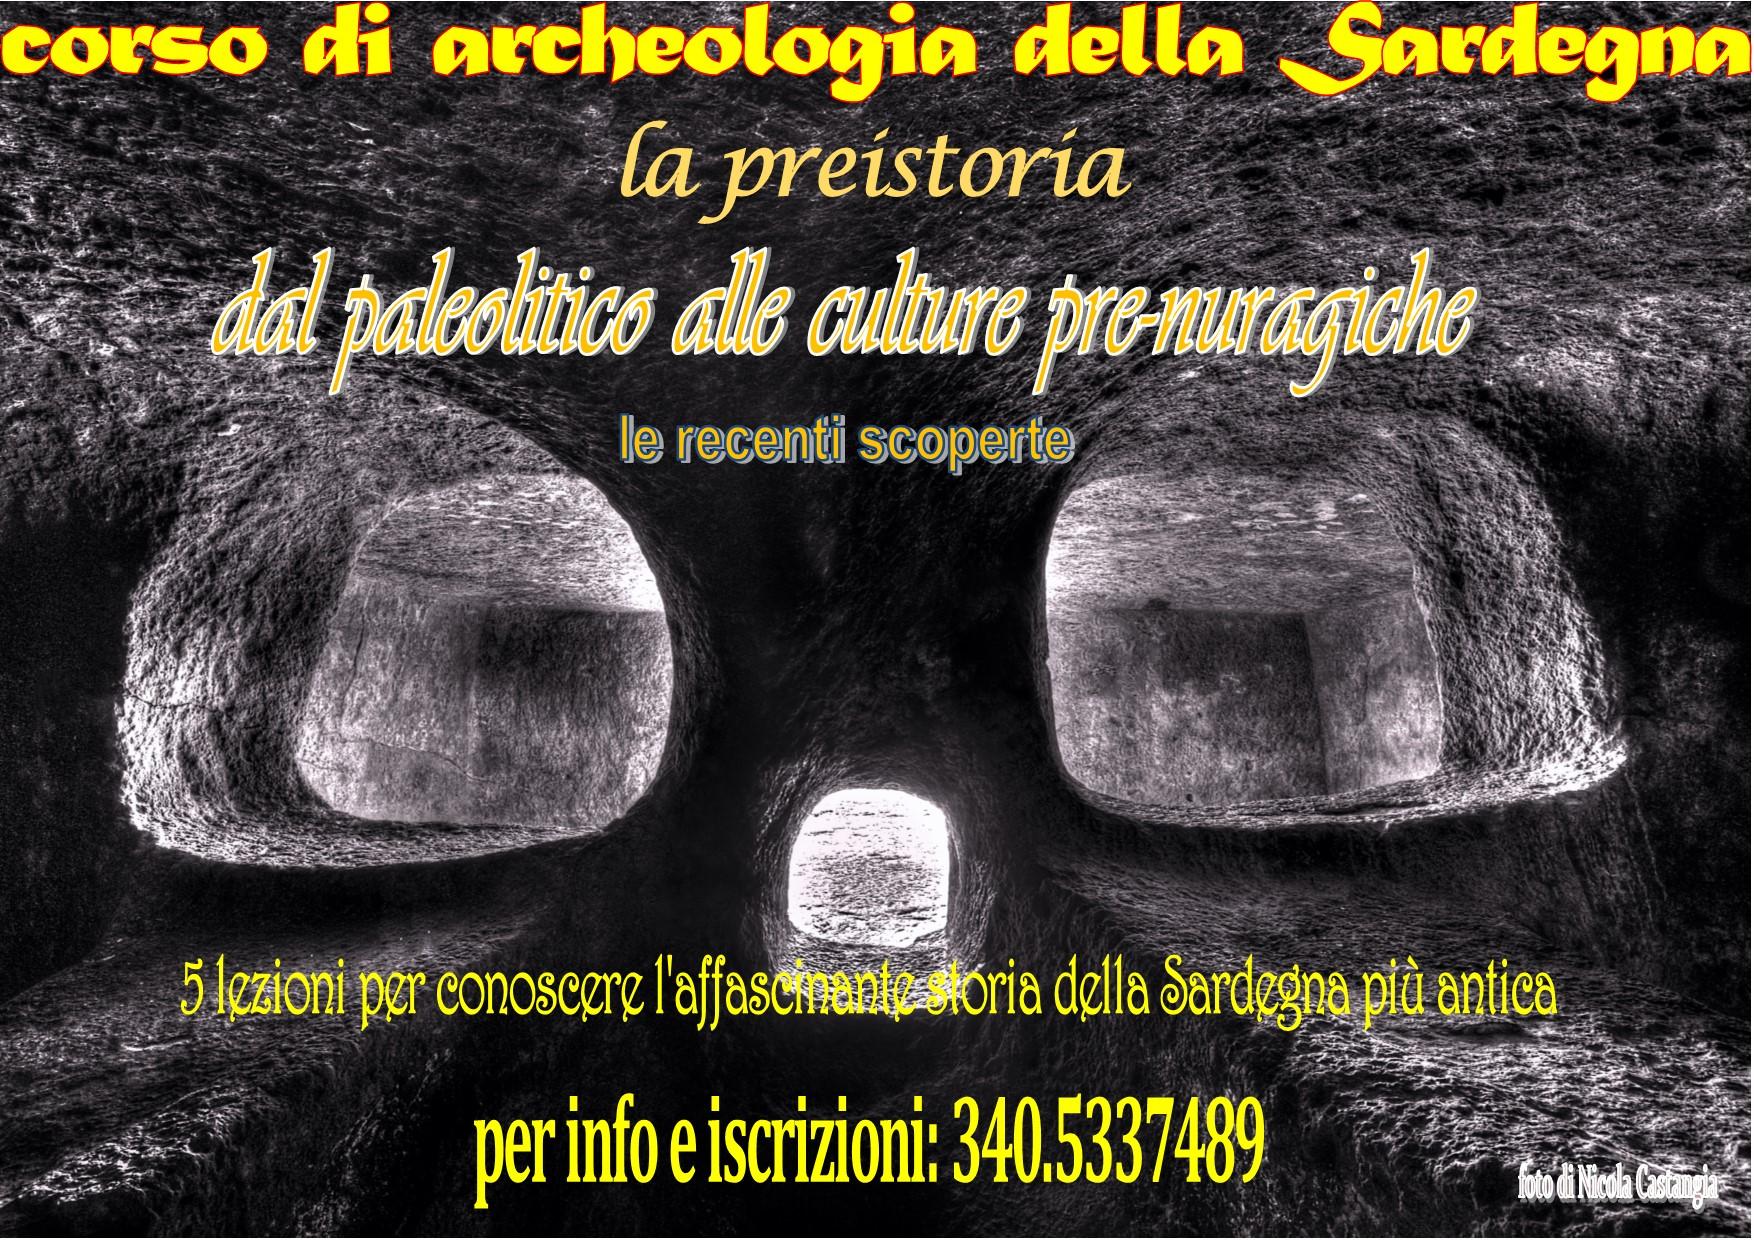 """""""Corso di Archeologia della Sardegna"""" tenuto dall'Archeologo Nicola Dessì presso il """"CENTRO AREA 3"""" a Cagliari ottobre/novembre 2014"""